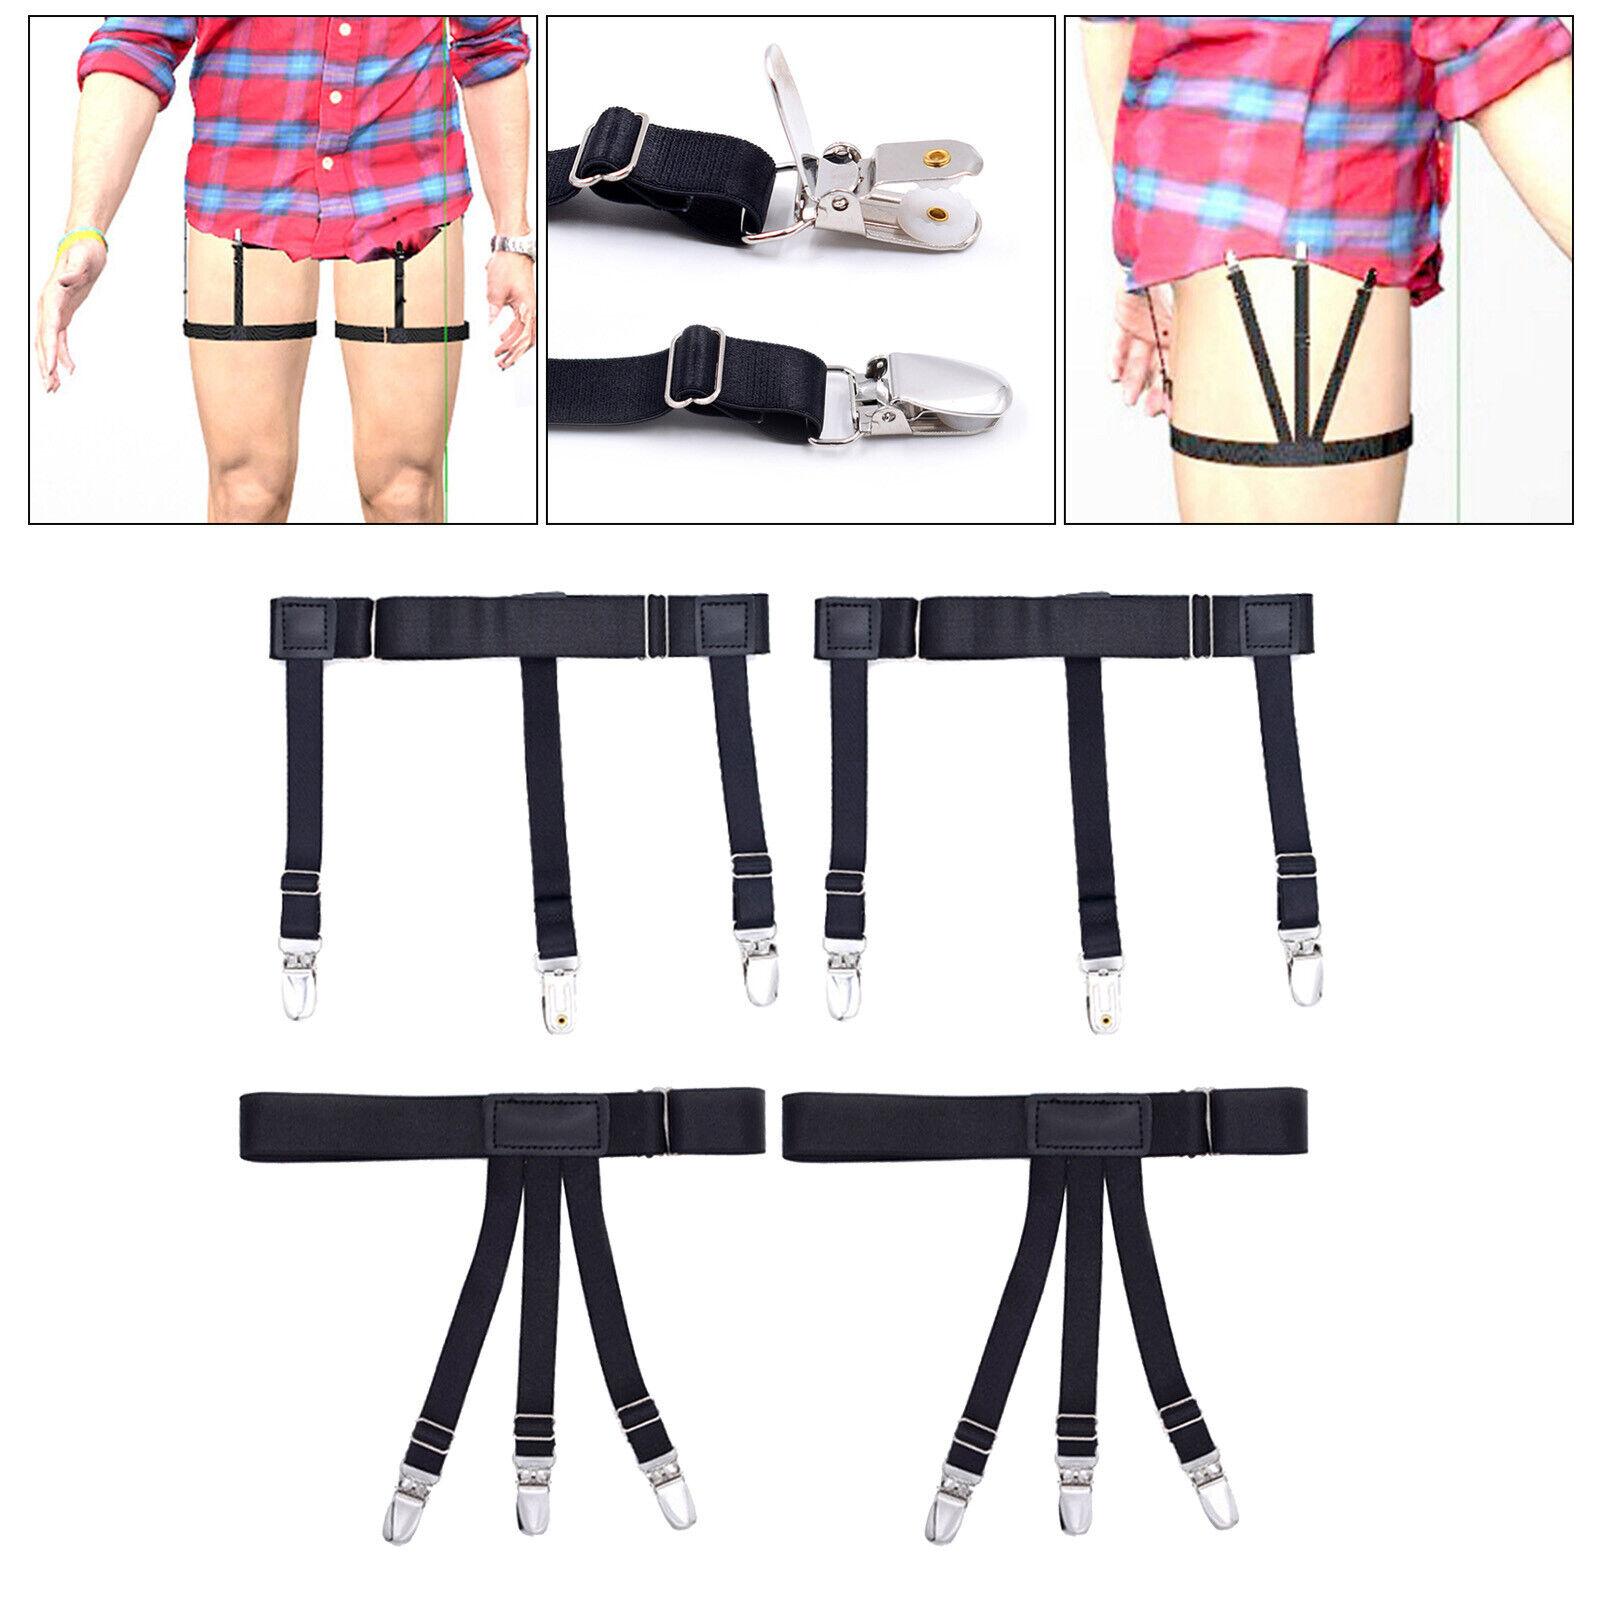 2Pcs Shirt Stays Leg Garter Suspender Shirt Holders Non-Slip Clamps Military